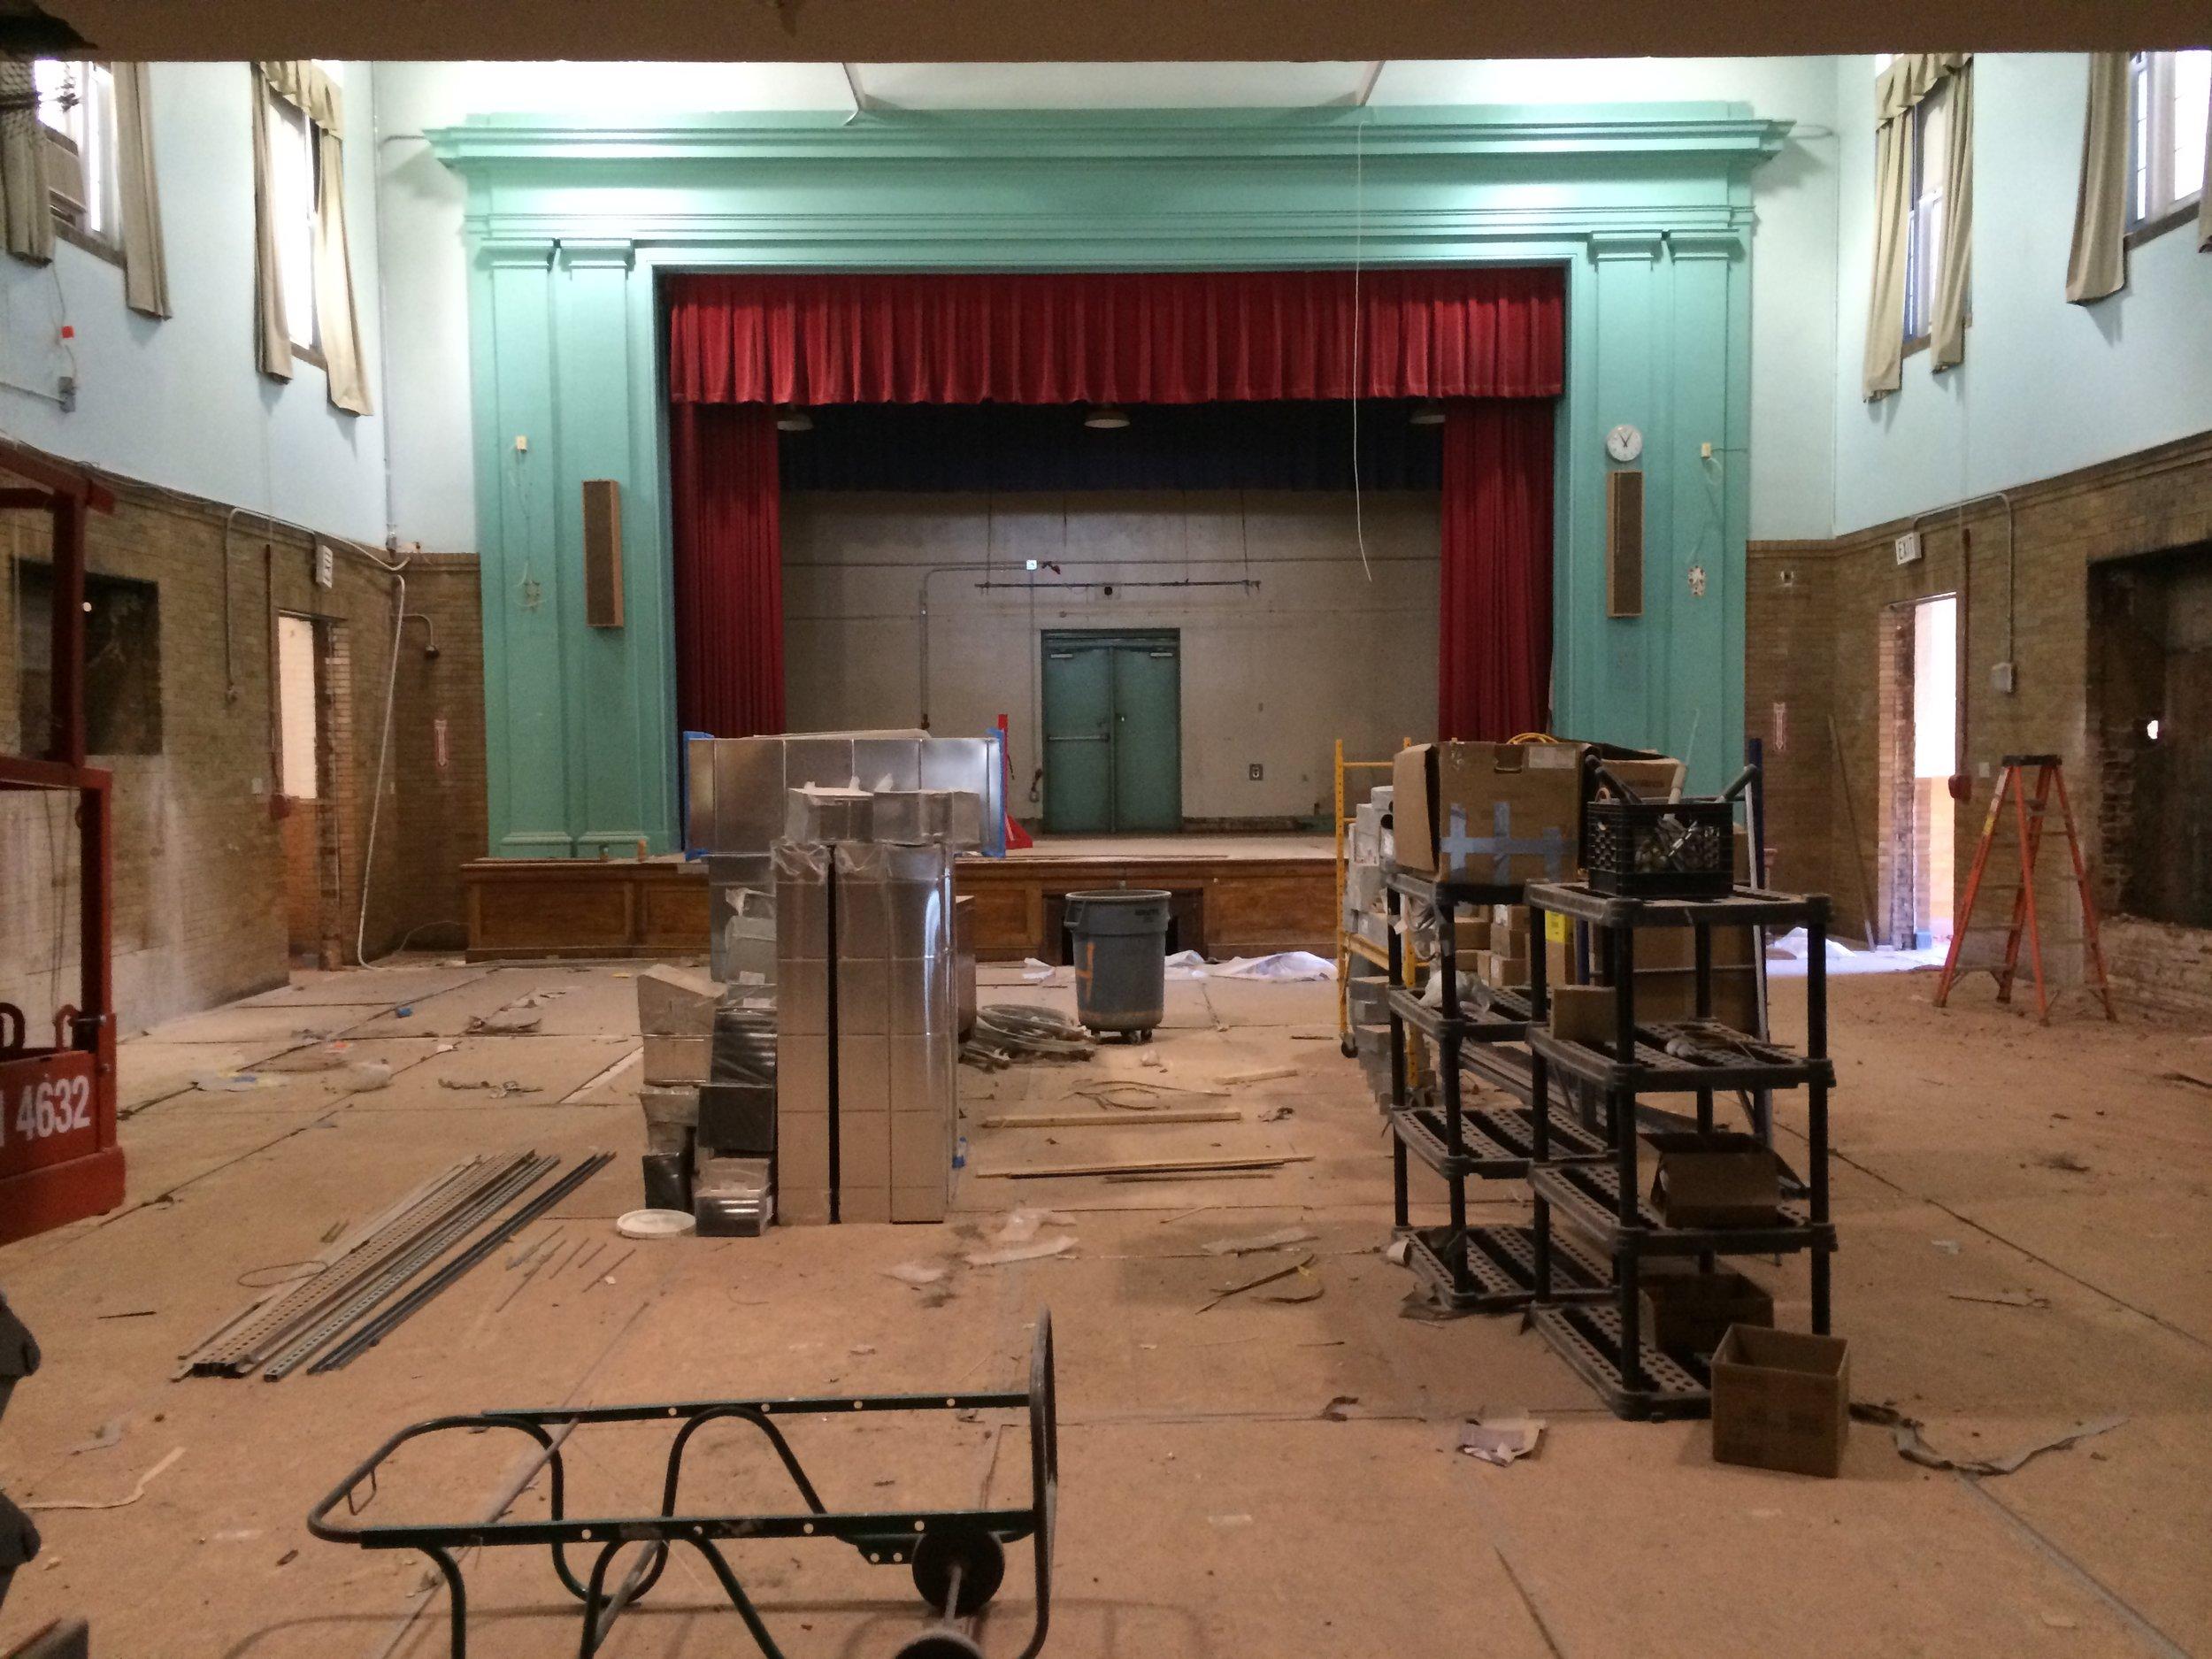 Auditorium 1 - 031414.jpg